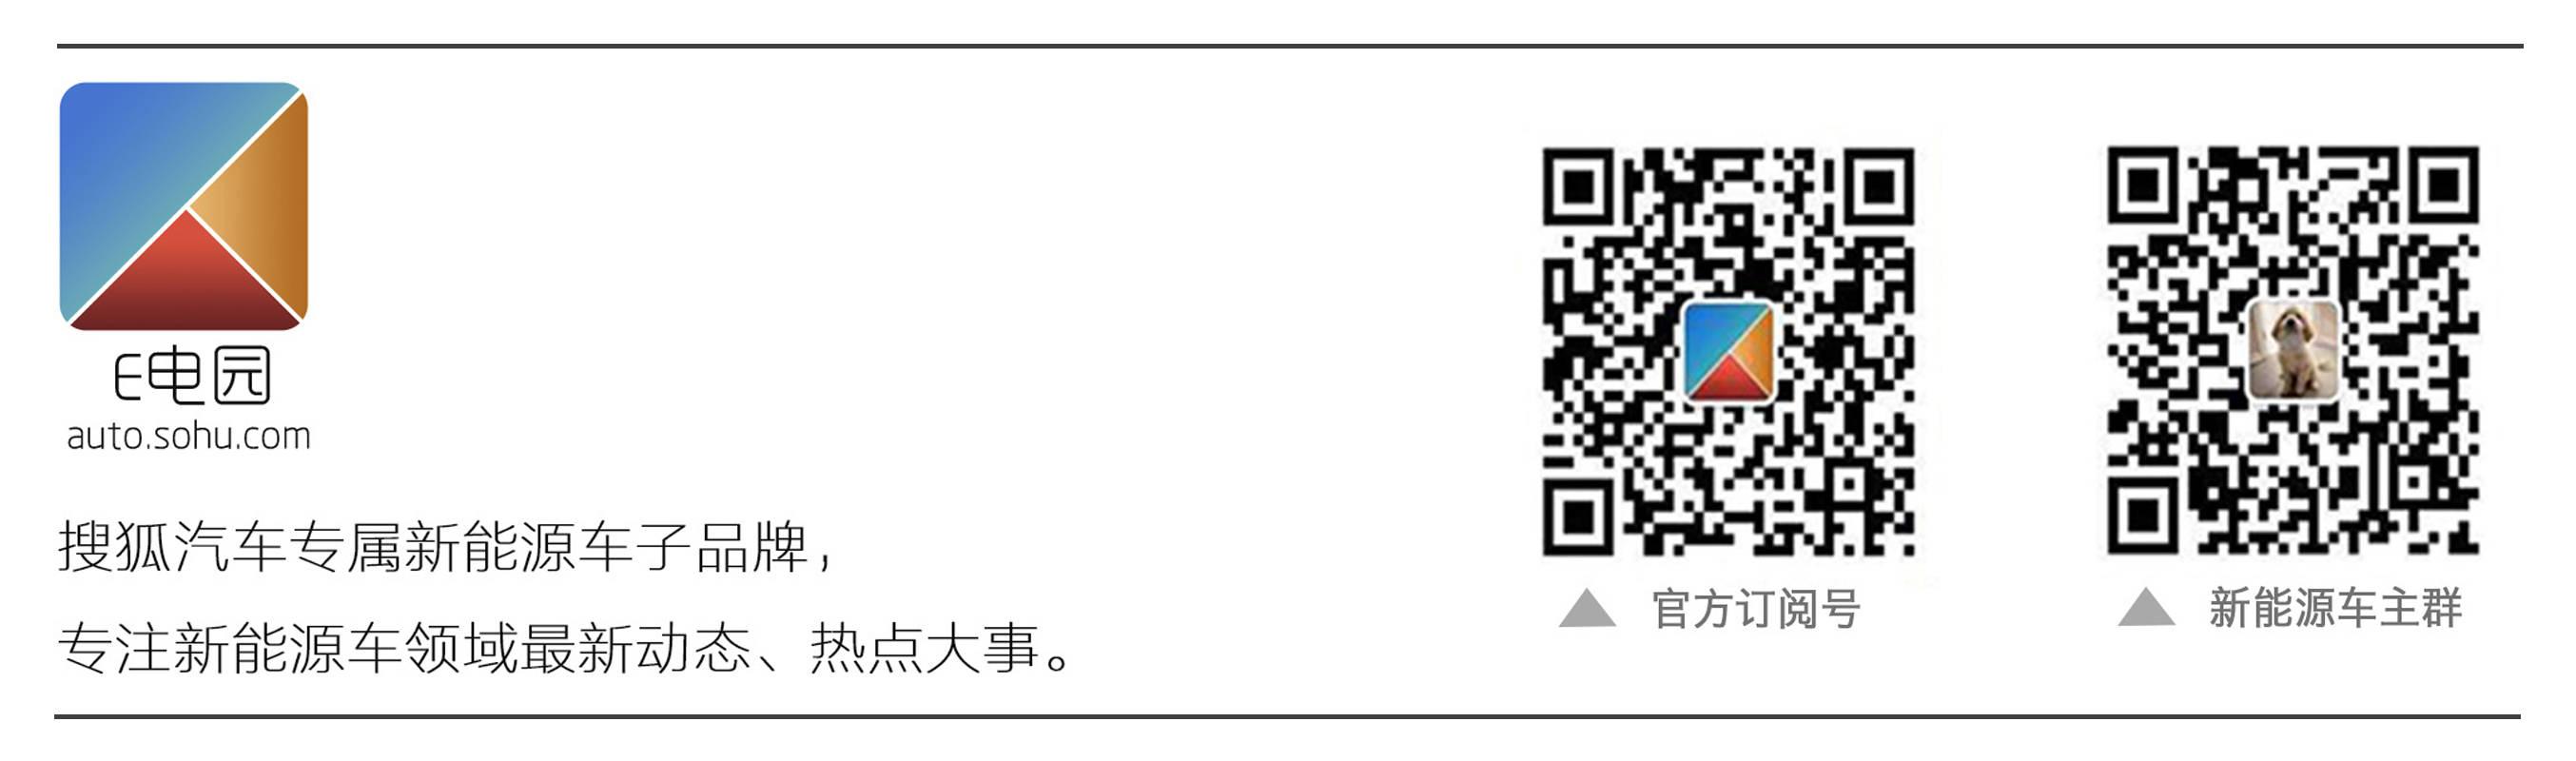 4月亮相 全新奔驰EQS新内饰预告图曝光